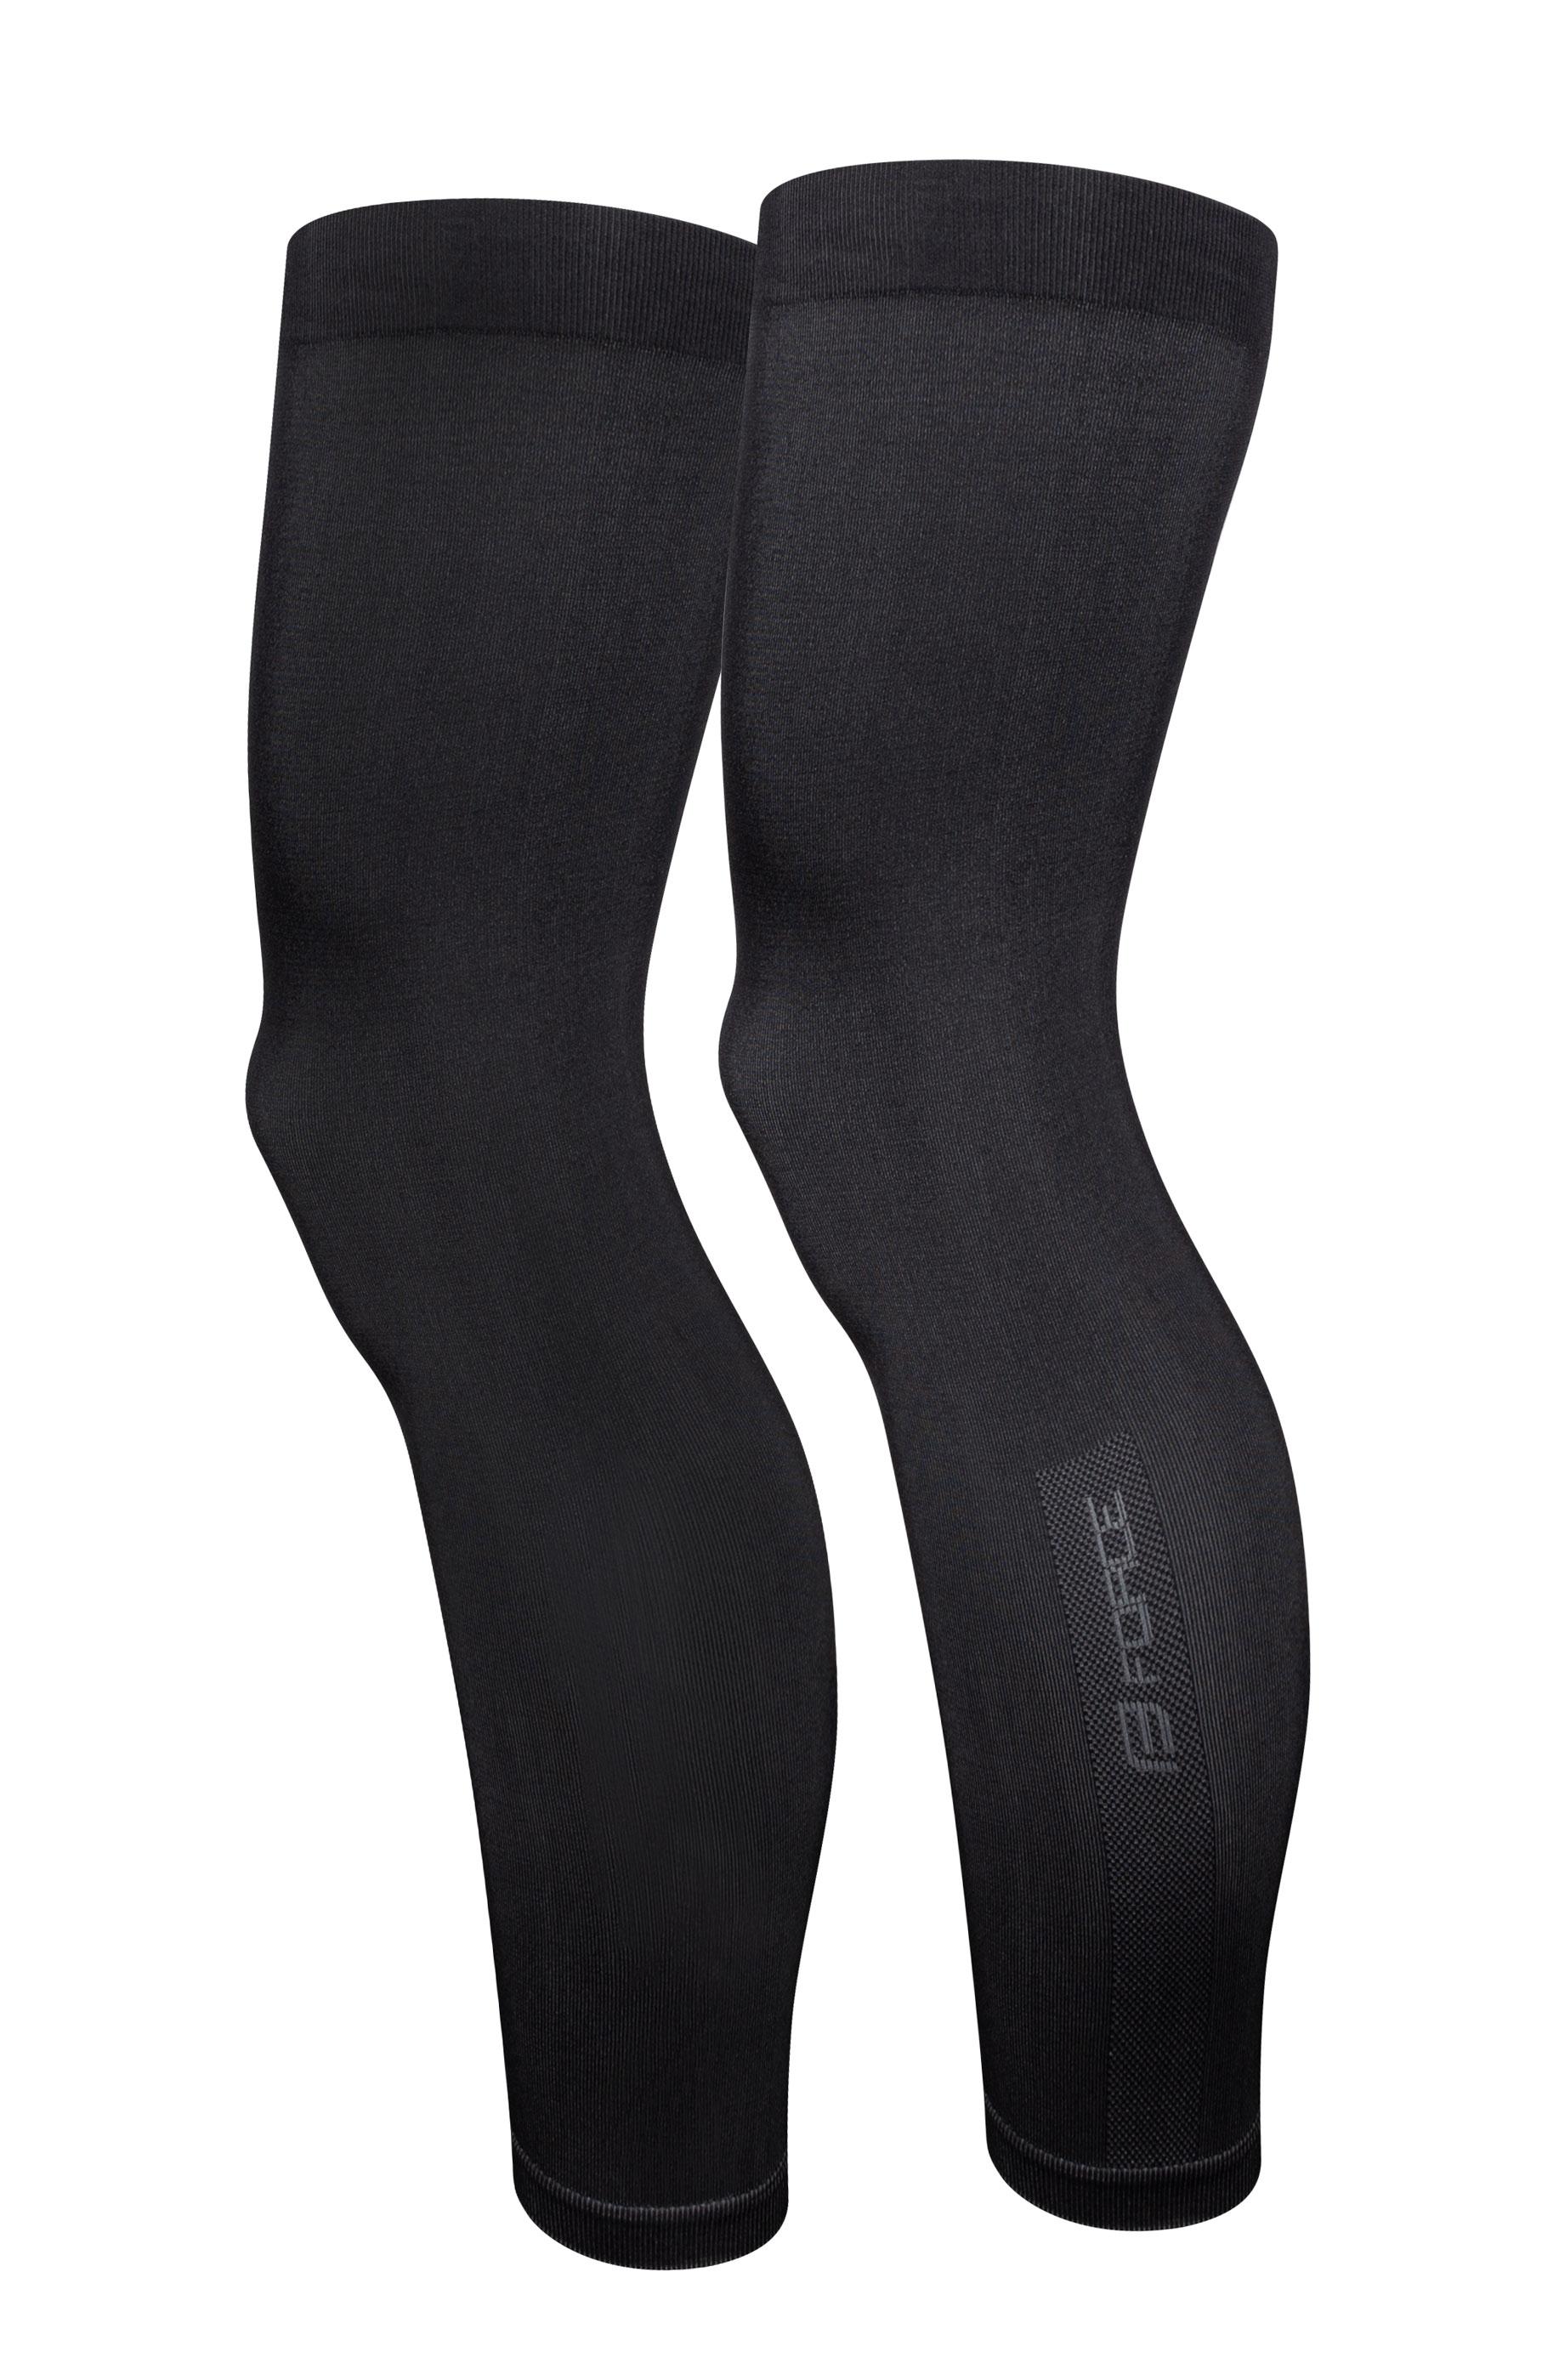 návleky na nohy F BREEZE pletené, černé M-L